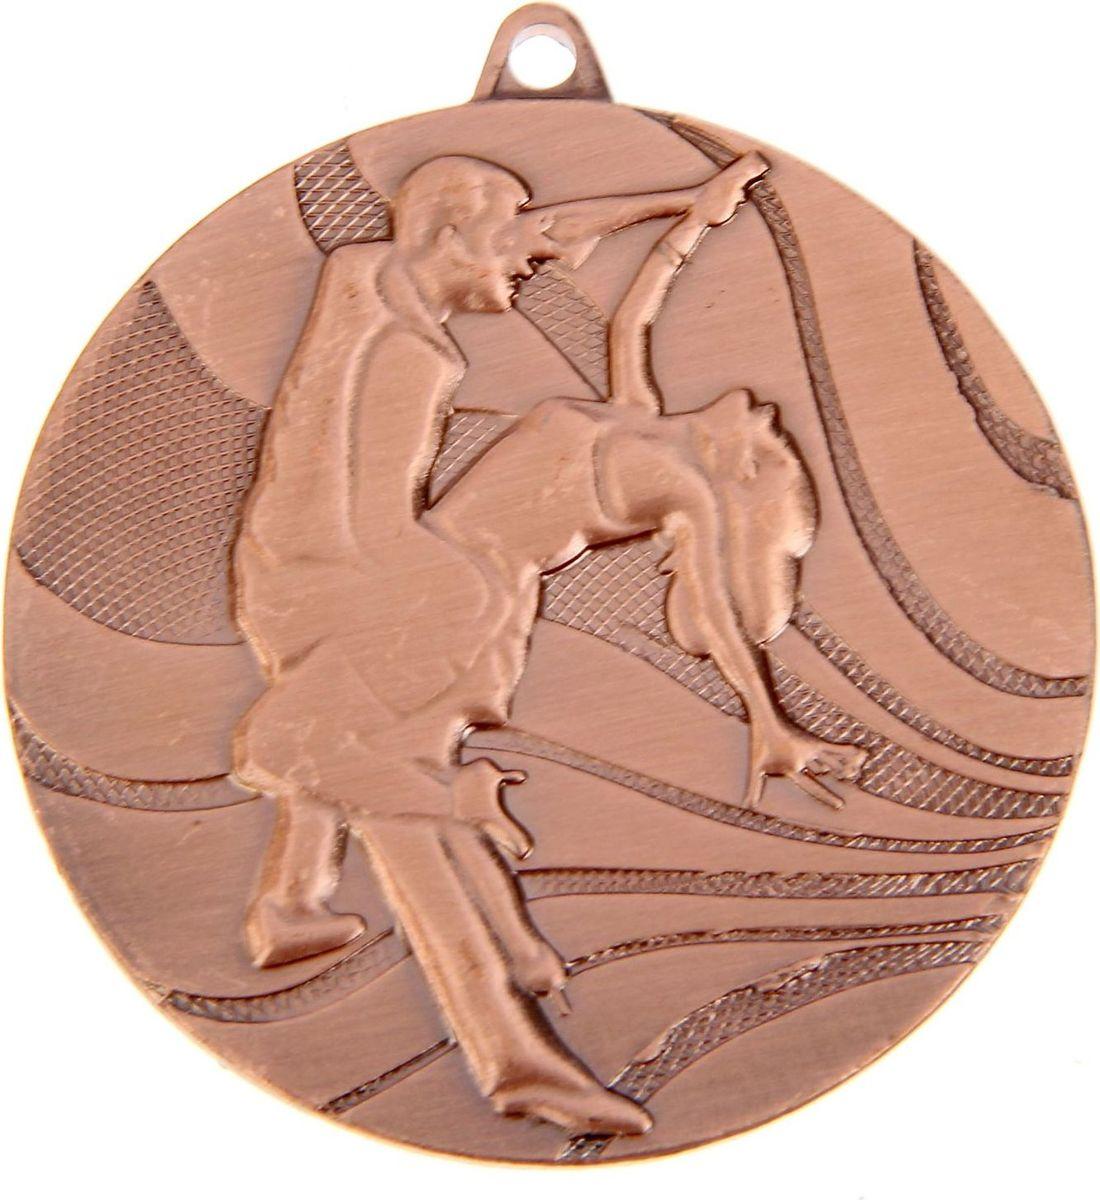 Медаль сувенирная Танцы, цвет: бронзовый, диаметр 5 см. 0751253550Заслуженный приз! Долгие изнурительные тренировки, напряжение перед соревнованием… Наконец ты вышел и показал всё, на что способен. И вот она — победа! — награда для настоящего чемпиона. Пусть каждый видит, кому именно сегодня покорился пьедестал. Блестящая награда на груди станет лучшим ответом скептикам и всегда будет напоминать, что упорный труд непременно вознаграждается. Наступит завтрашний день, и своё лидерство нужно будет доказывать заново. Ну а пока победитель сможет наслаждаться триумфом, глядя на эту медаль.Характеристики: Диаметр медали: 5 см Диаметр вкладыша (оборот): 4,5 см. Сверху расположено отверстие для крепления ленты.